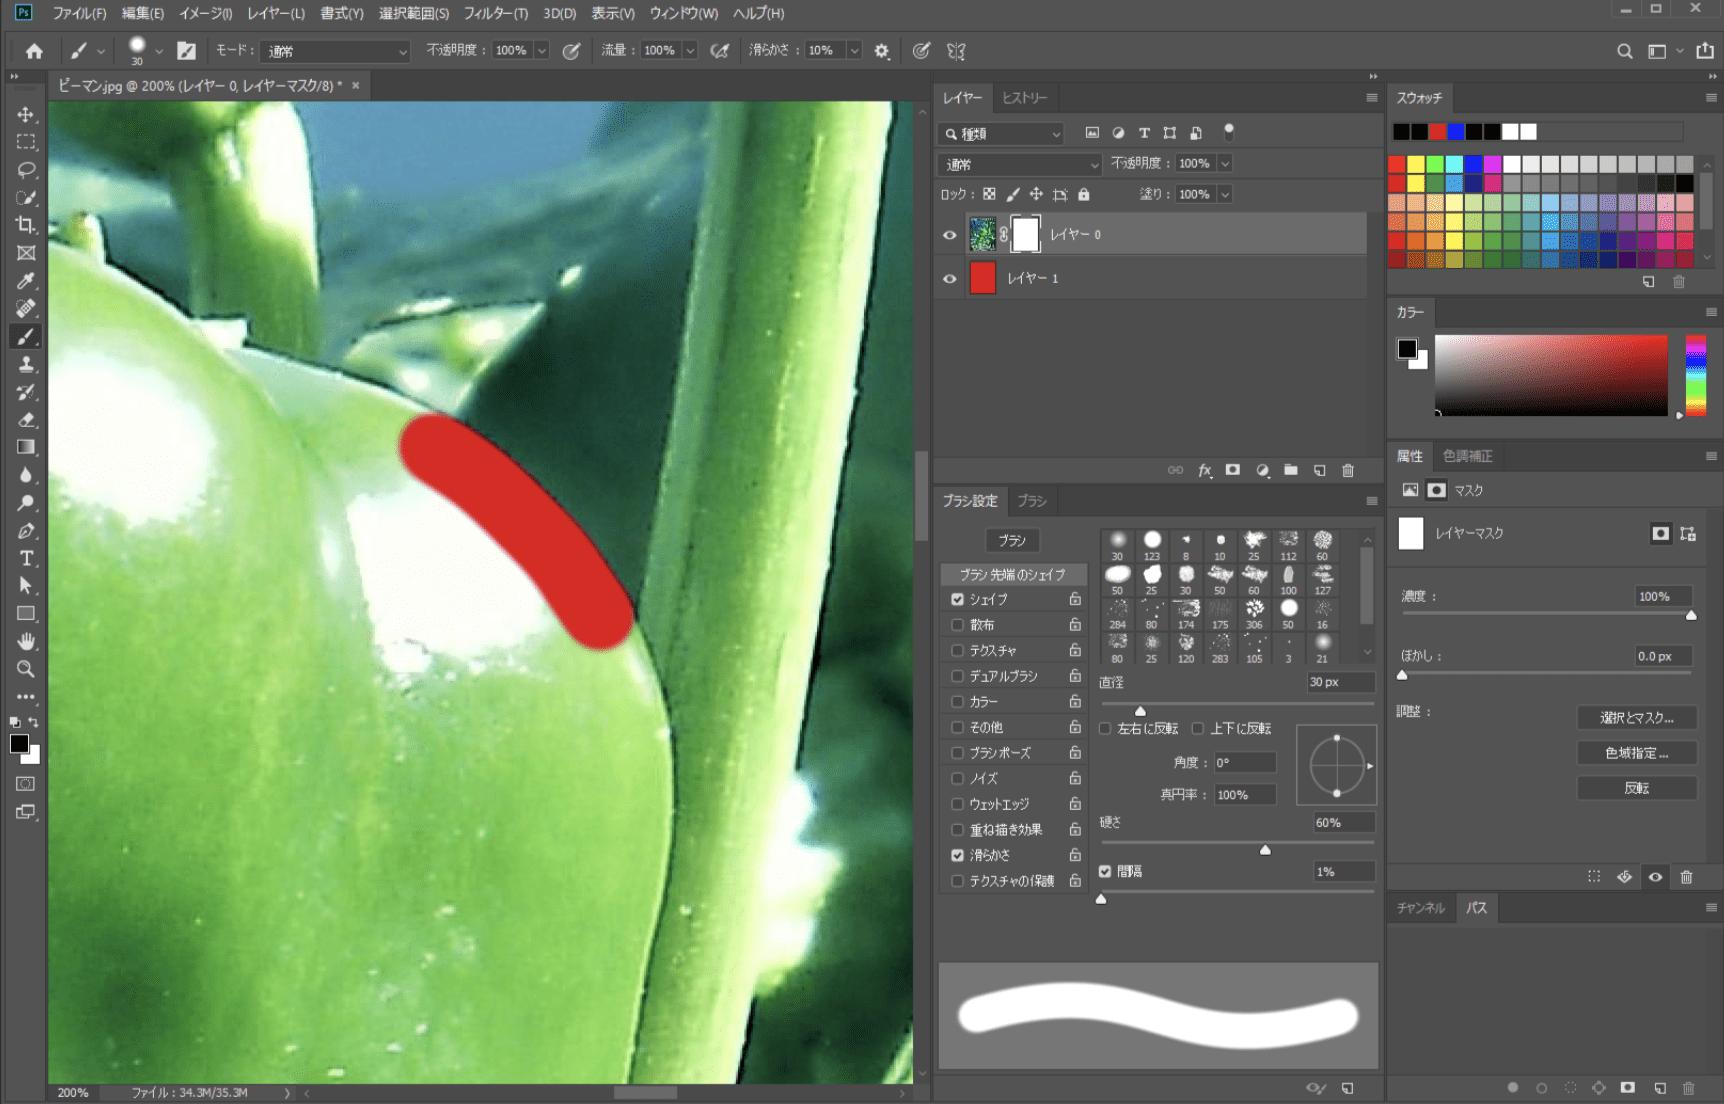 その後、Shiftキーを押しながら細かく描いていきます